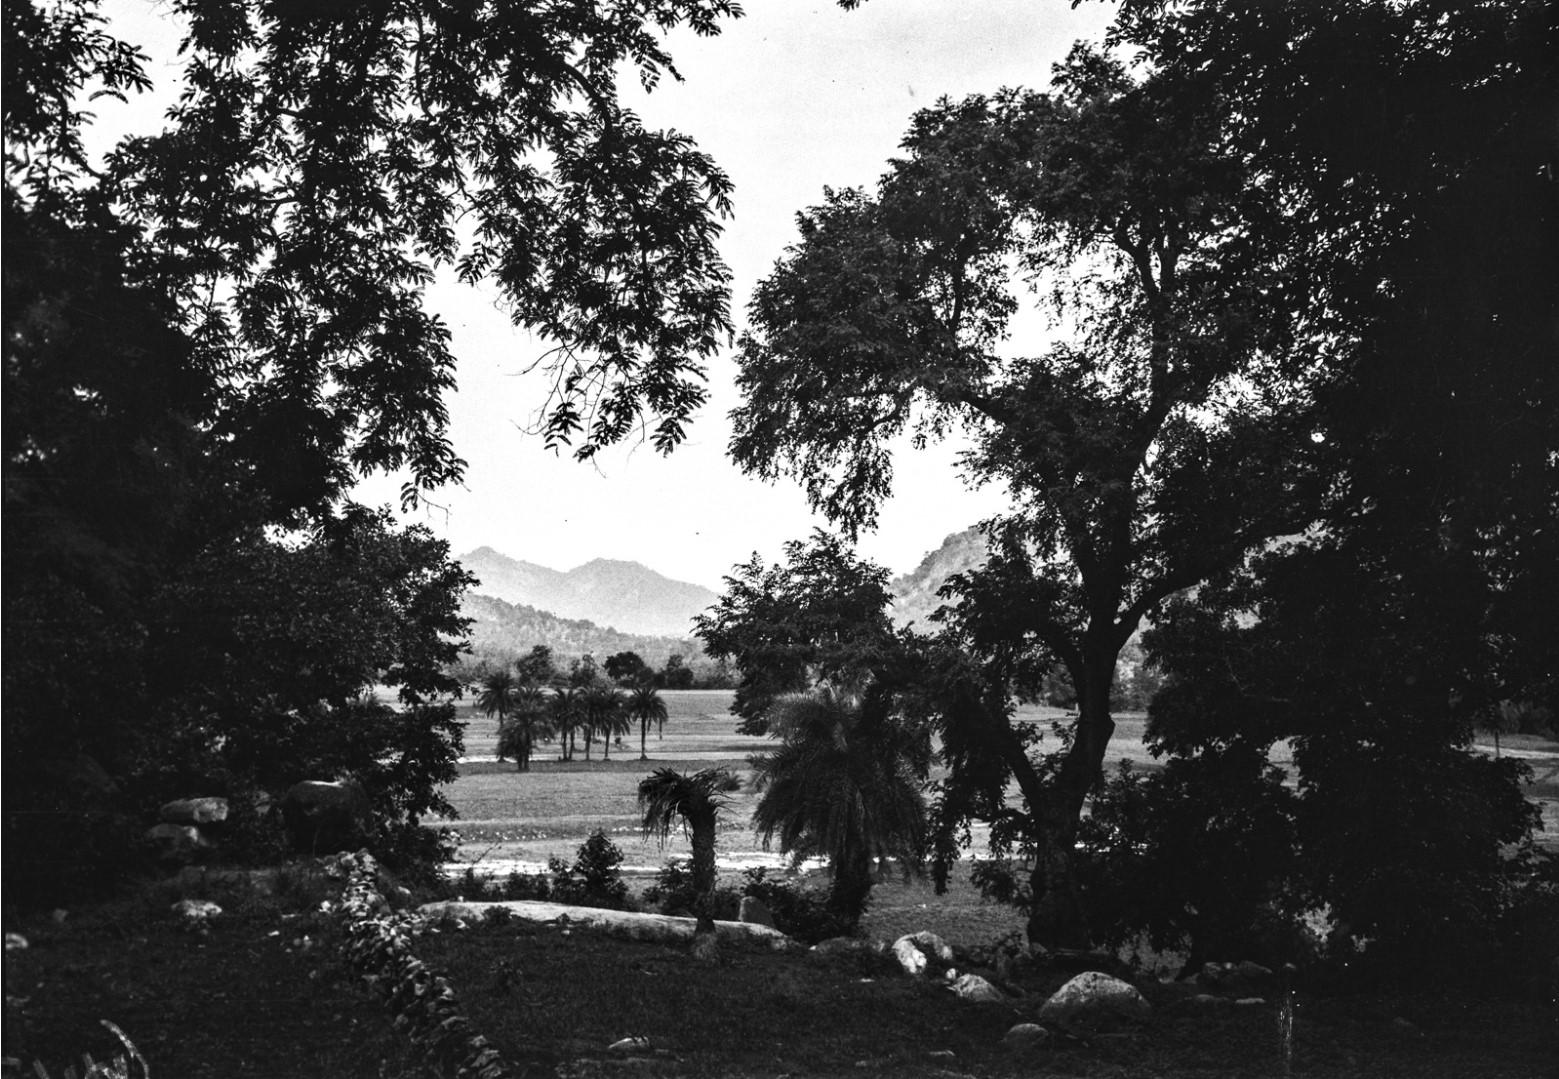 709. Орисса. Субтропический пейзаж с пальмами и рисовыми полями